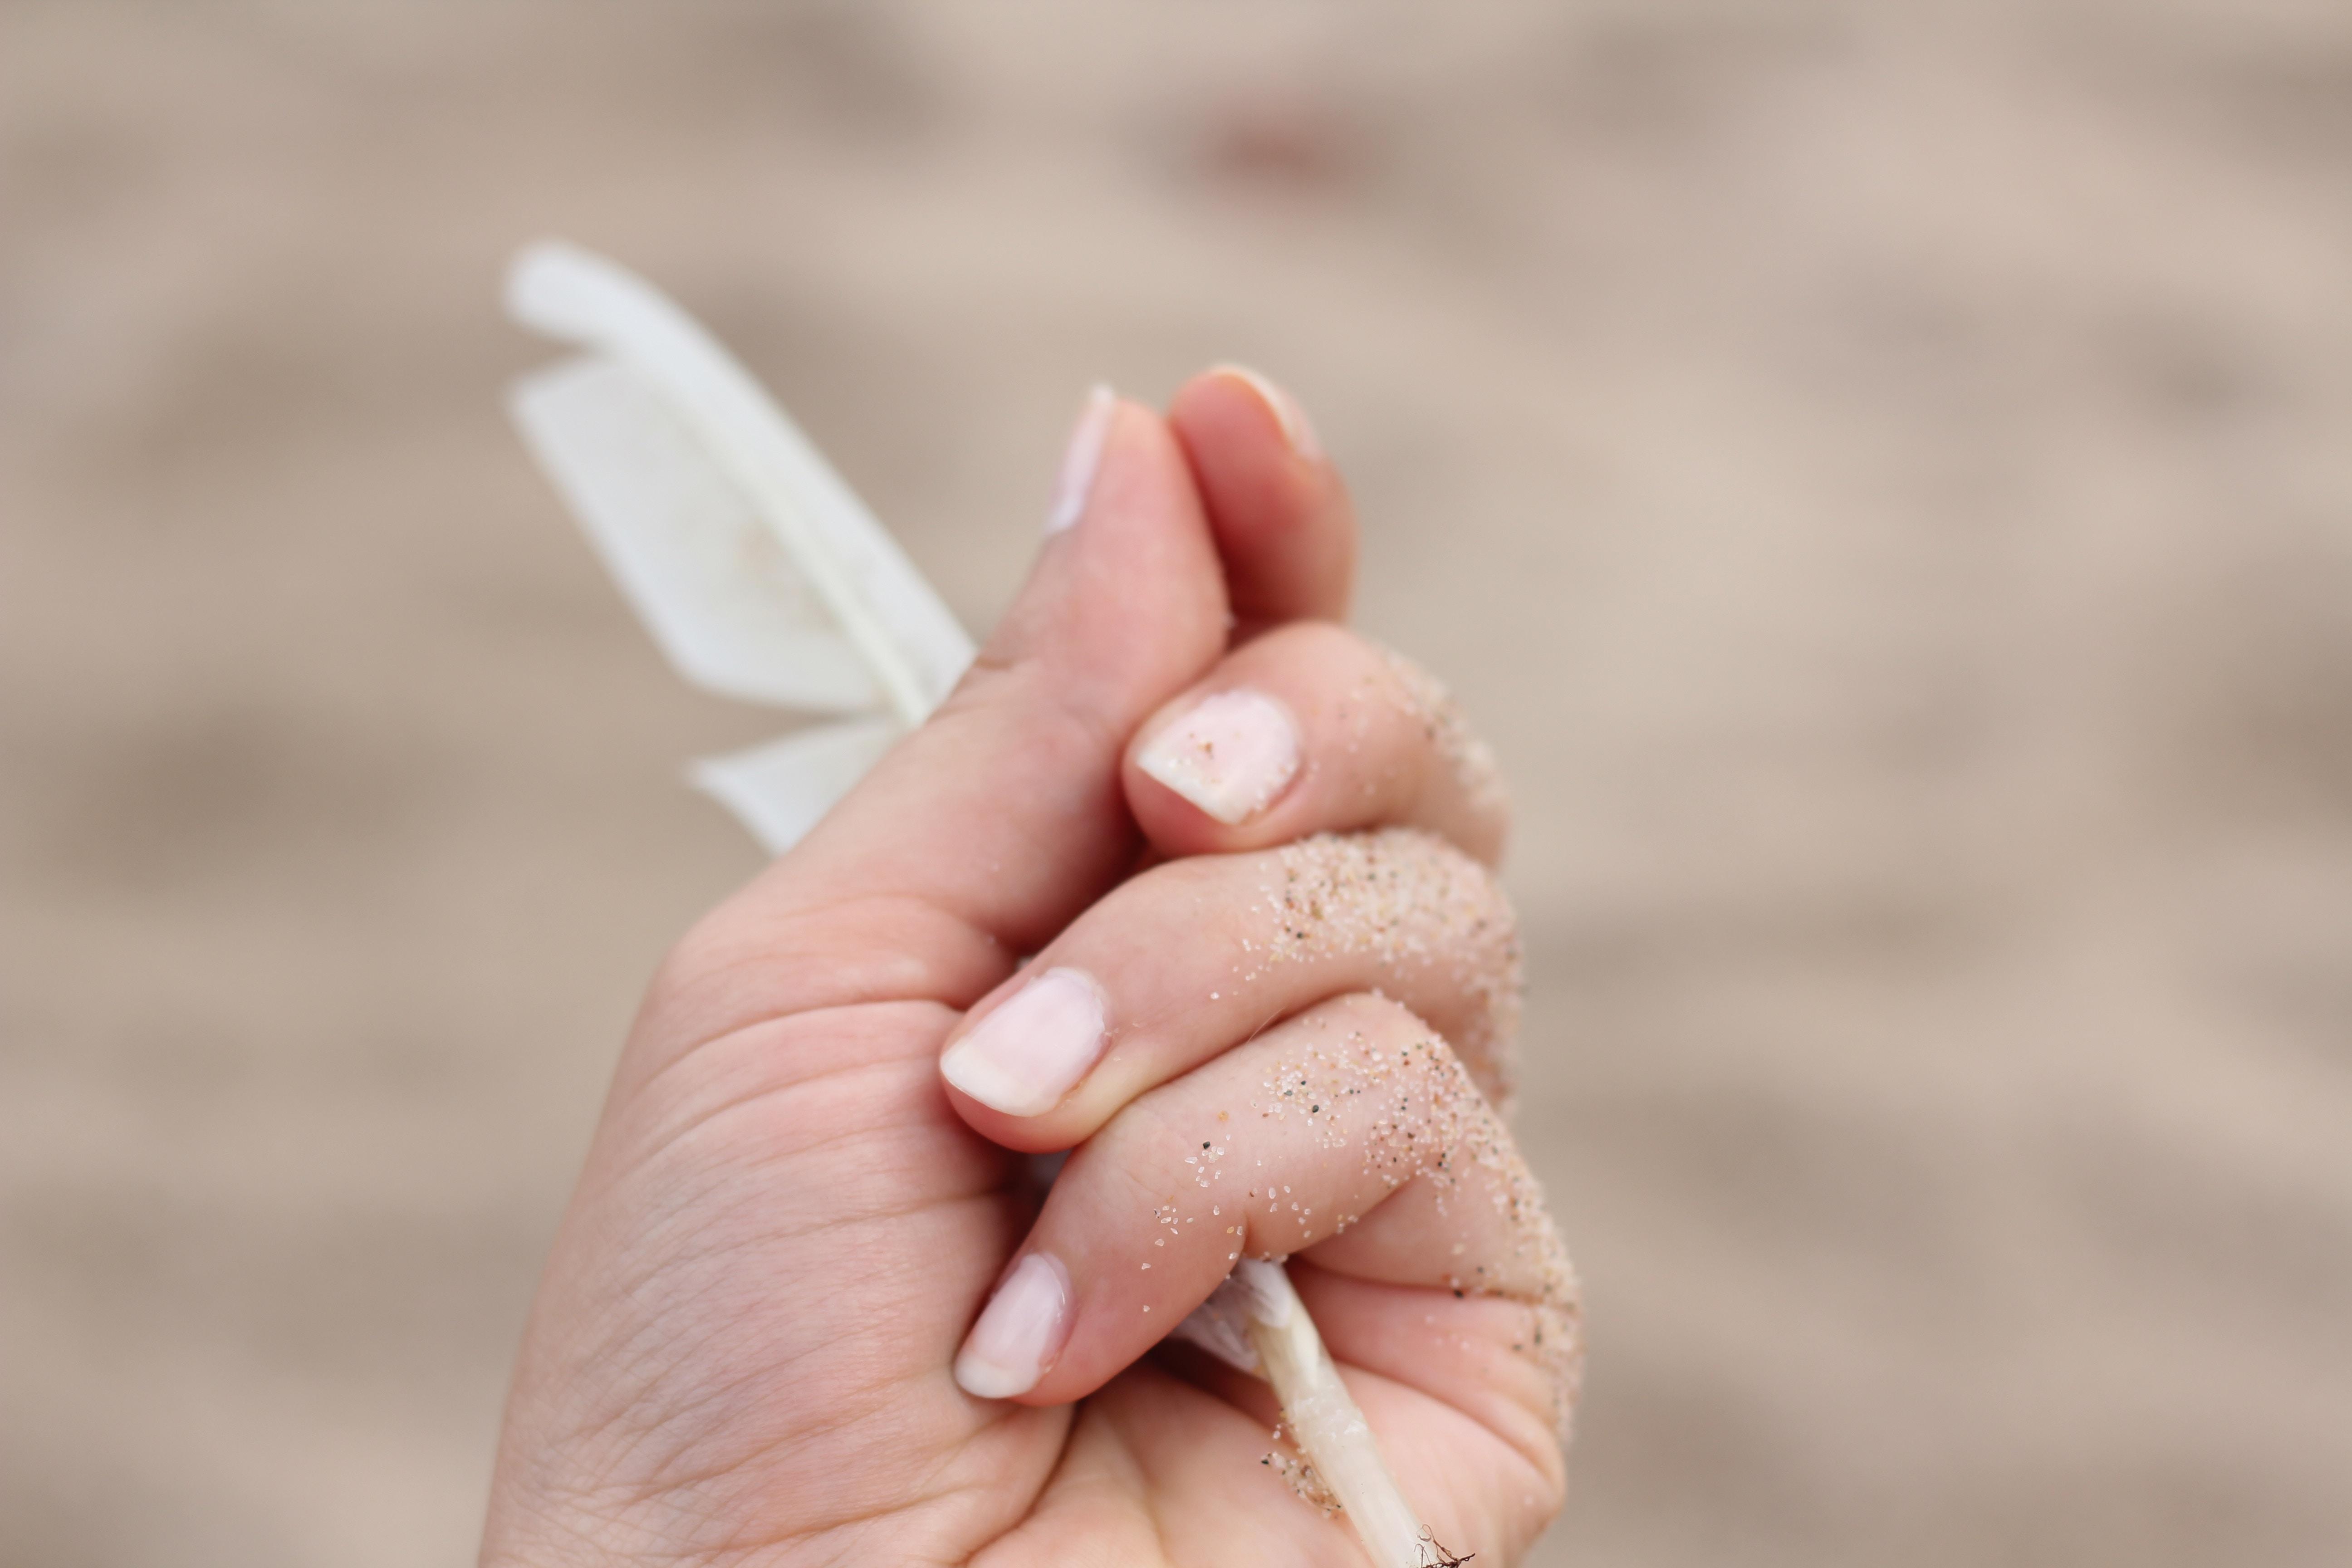 Stijlvol tot in de puntjes: gellak kopen voor perfecte nagels